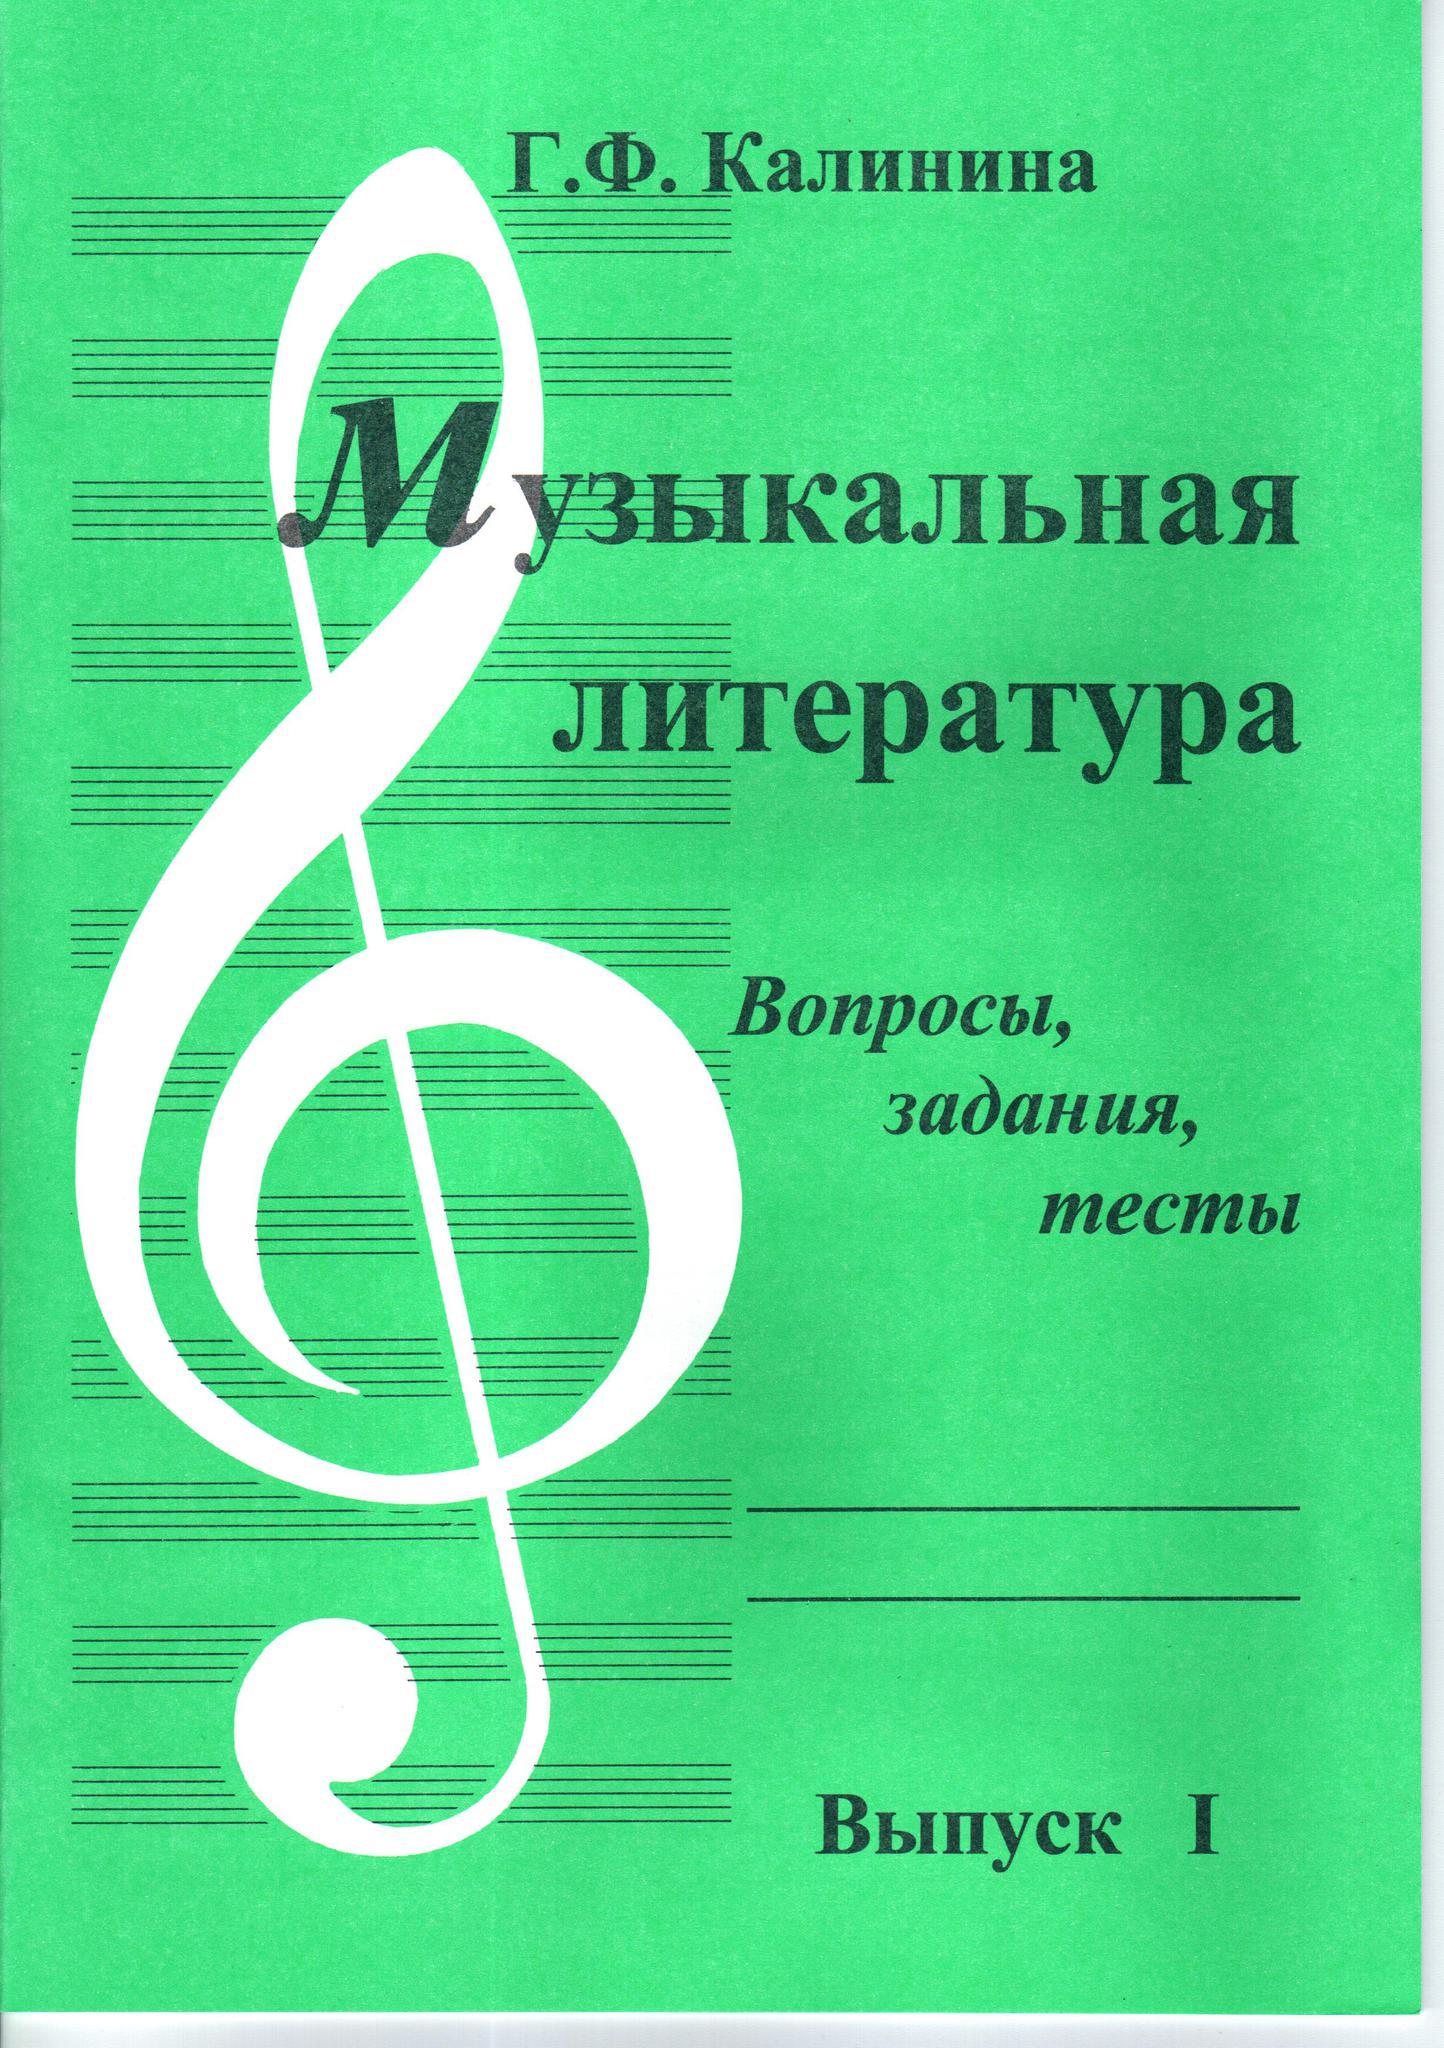 Г. Ф. Калинина. Музыкальная литература. Вопросы, задания, тесты. Выпуск 1.